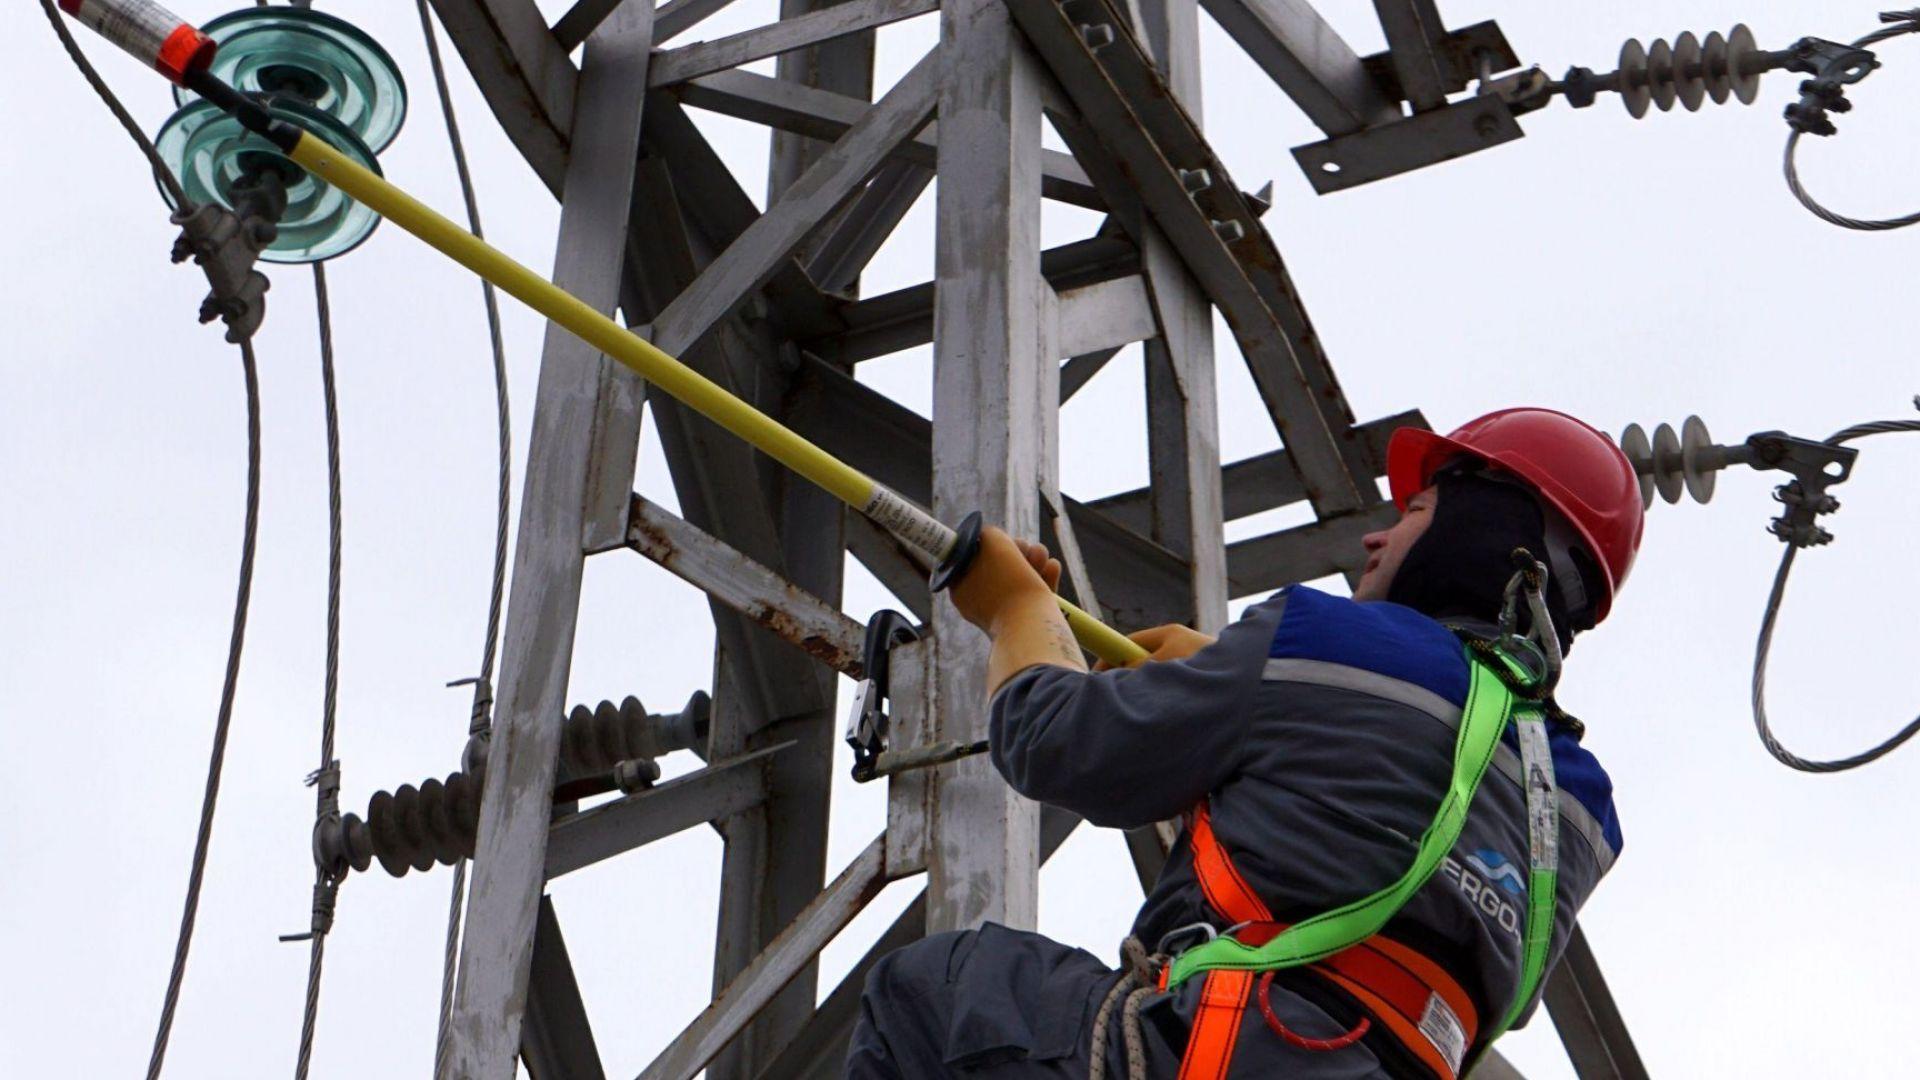 Над 100 места в Софияостанаха без ток.Според потребители в мрежататова